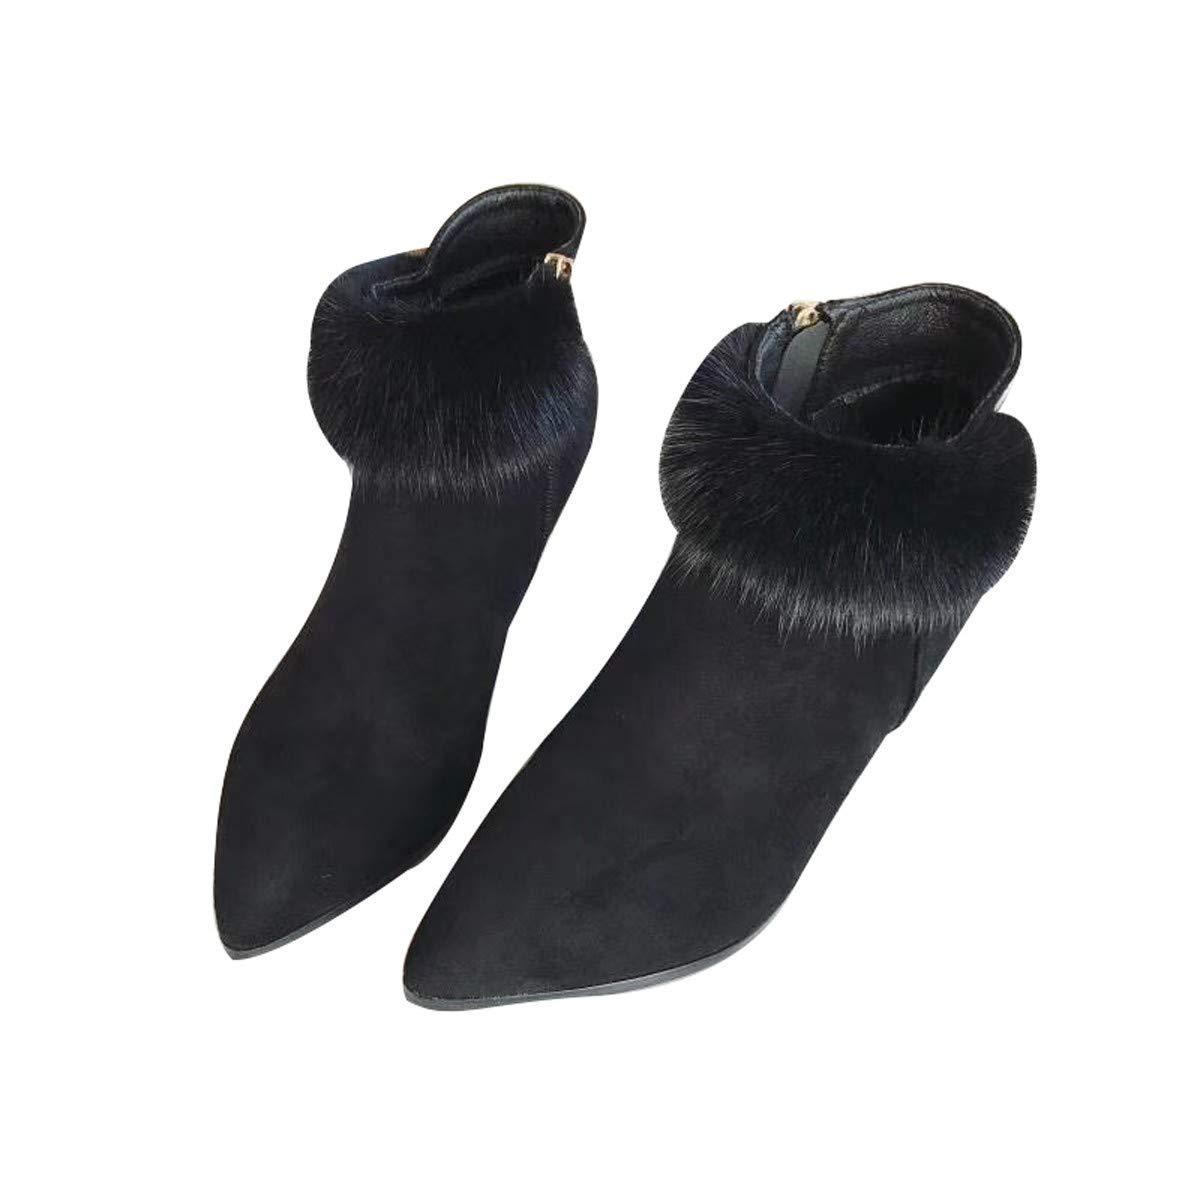 LBTSQ-Kurze Stiefel Haben Kröten Martin Stiefel Damenschuhe Dünnen Absätzen High Heels Witze Mode Mao Mao-Stiefel.